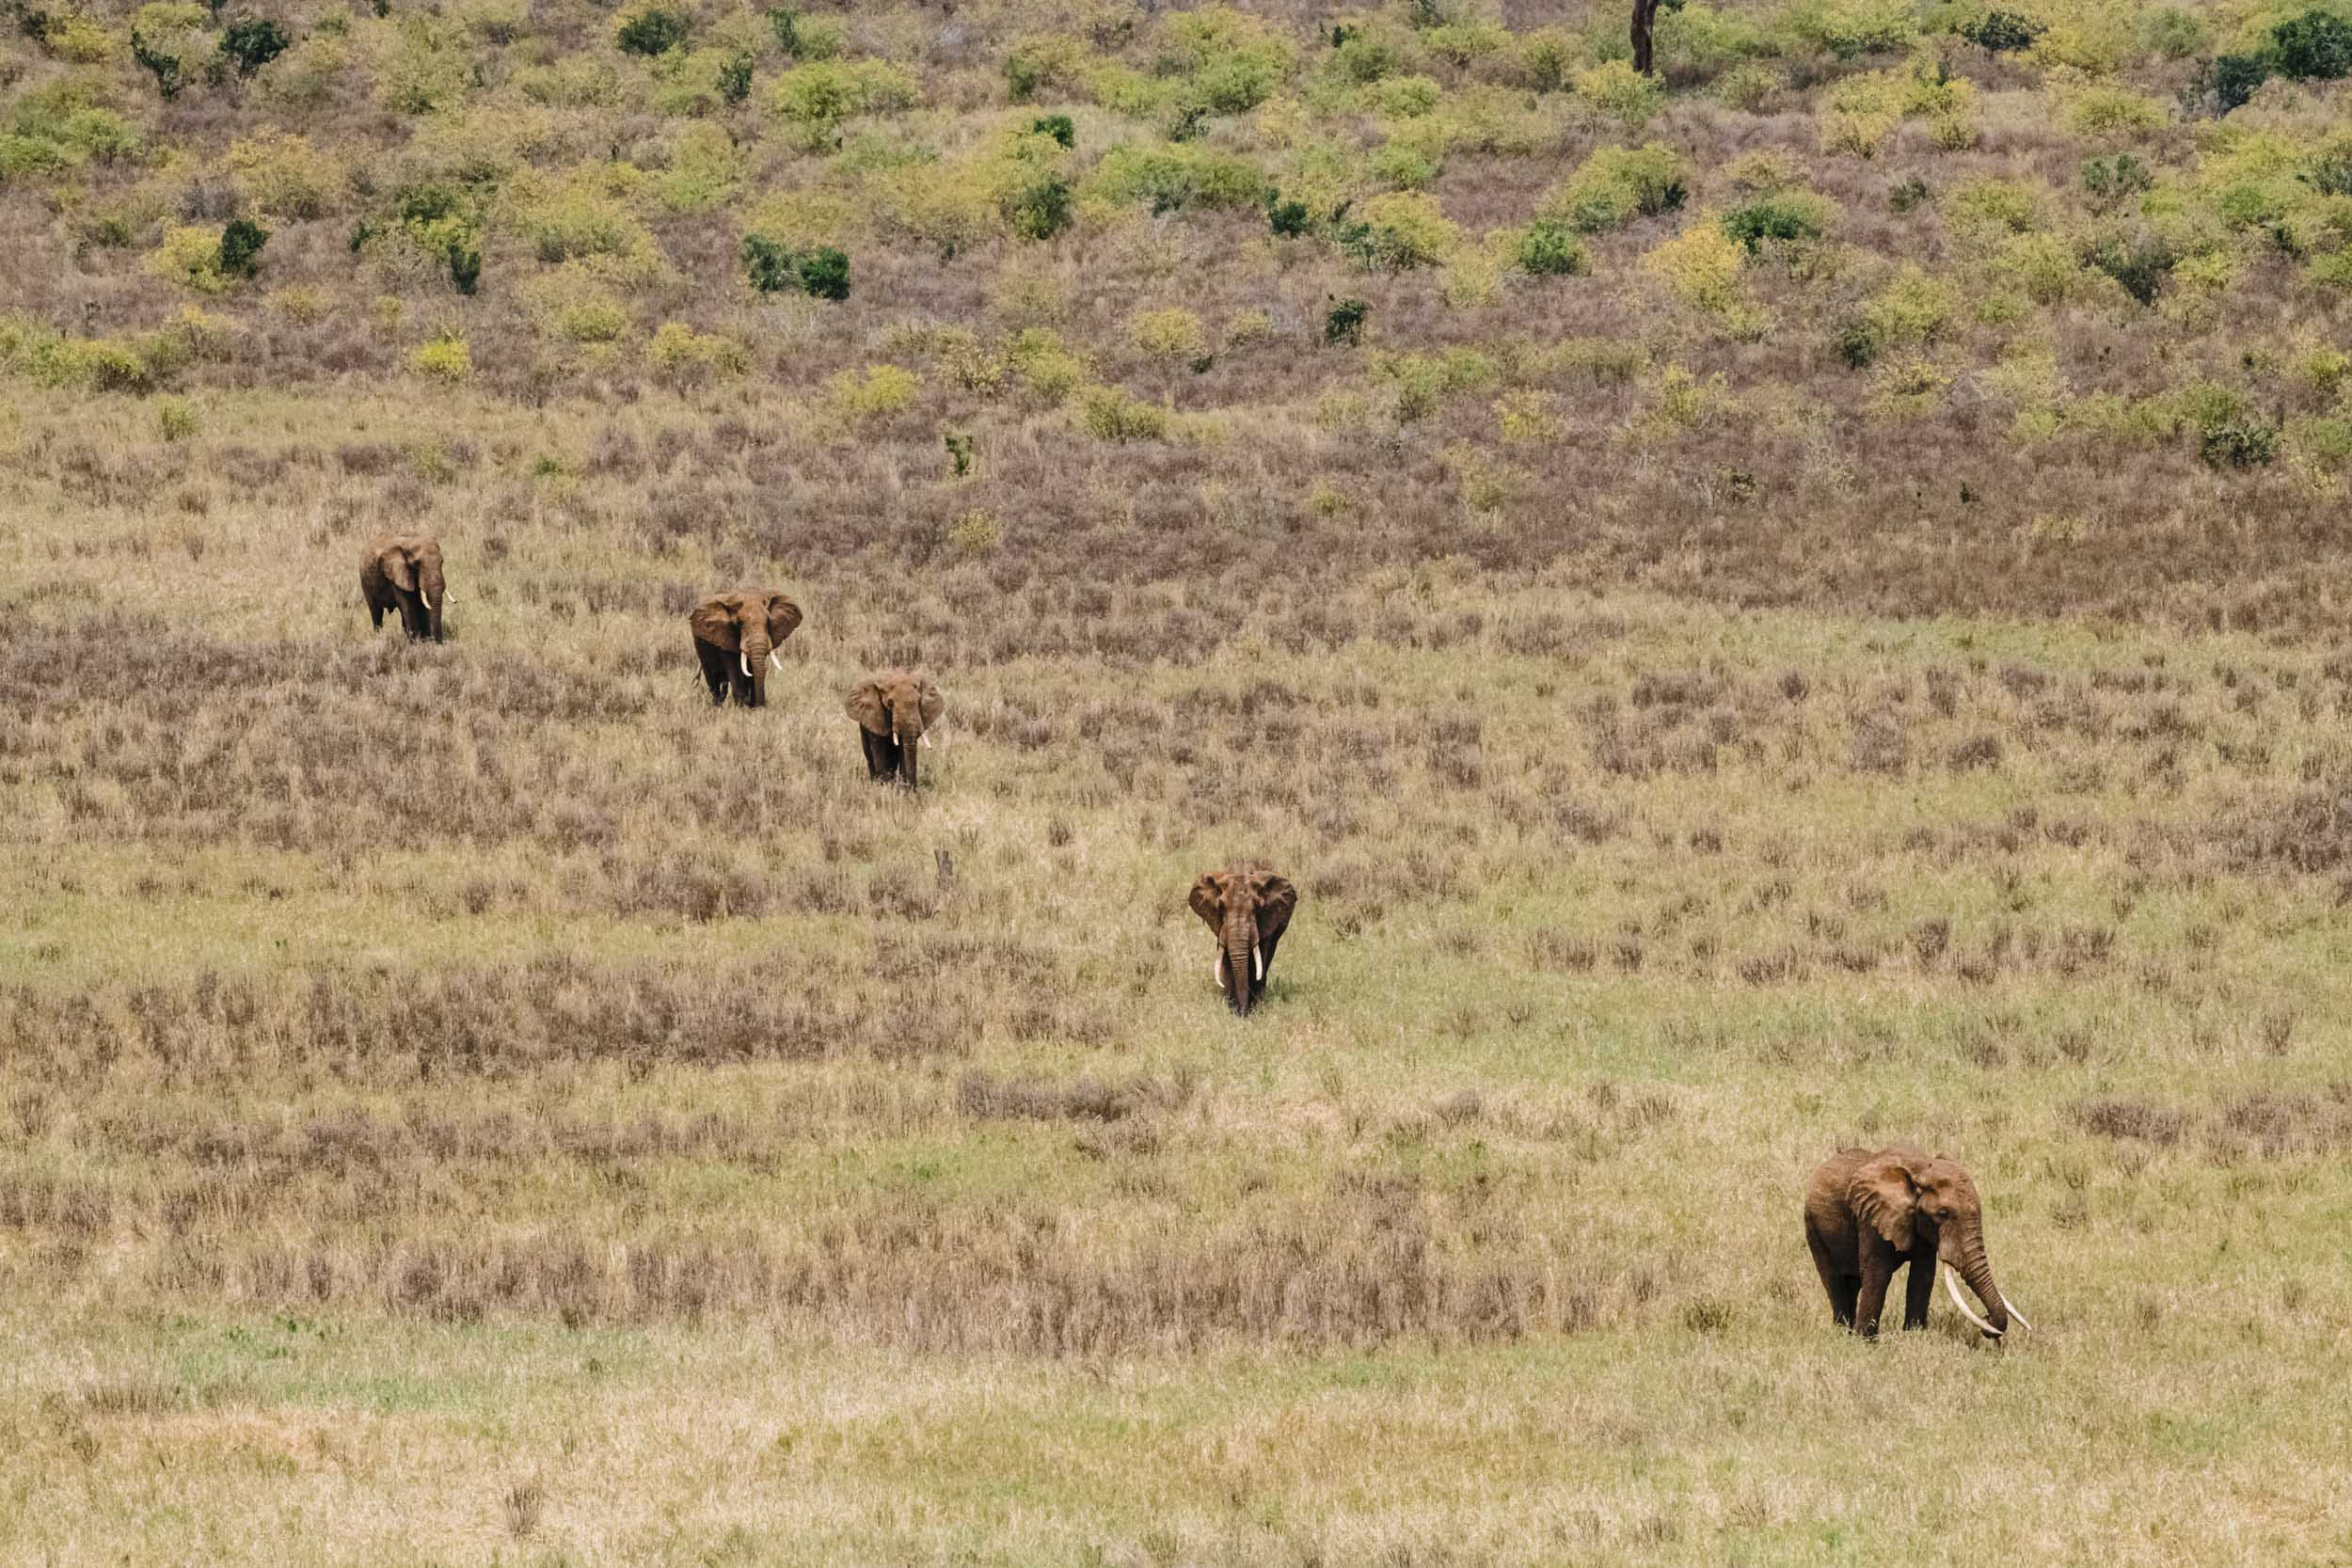 Herd of elephants diagonal line african savannah.jpg